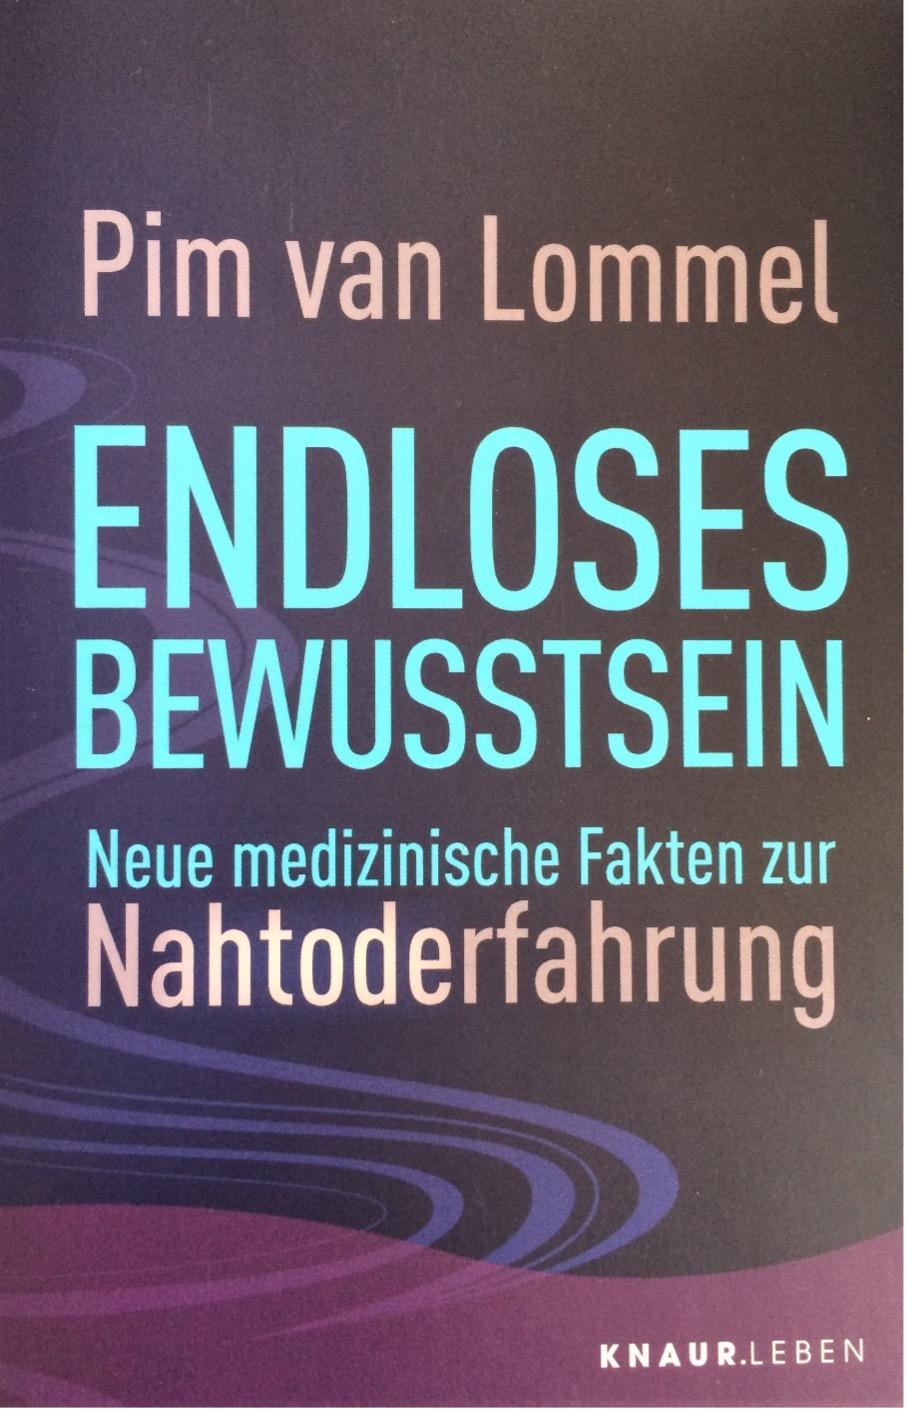 pim-van-lommel-endloses-bewusstein-neue-medizinische-fakten-zur-nahtoderfahrung-taschenbuchausgabe